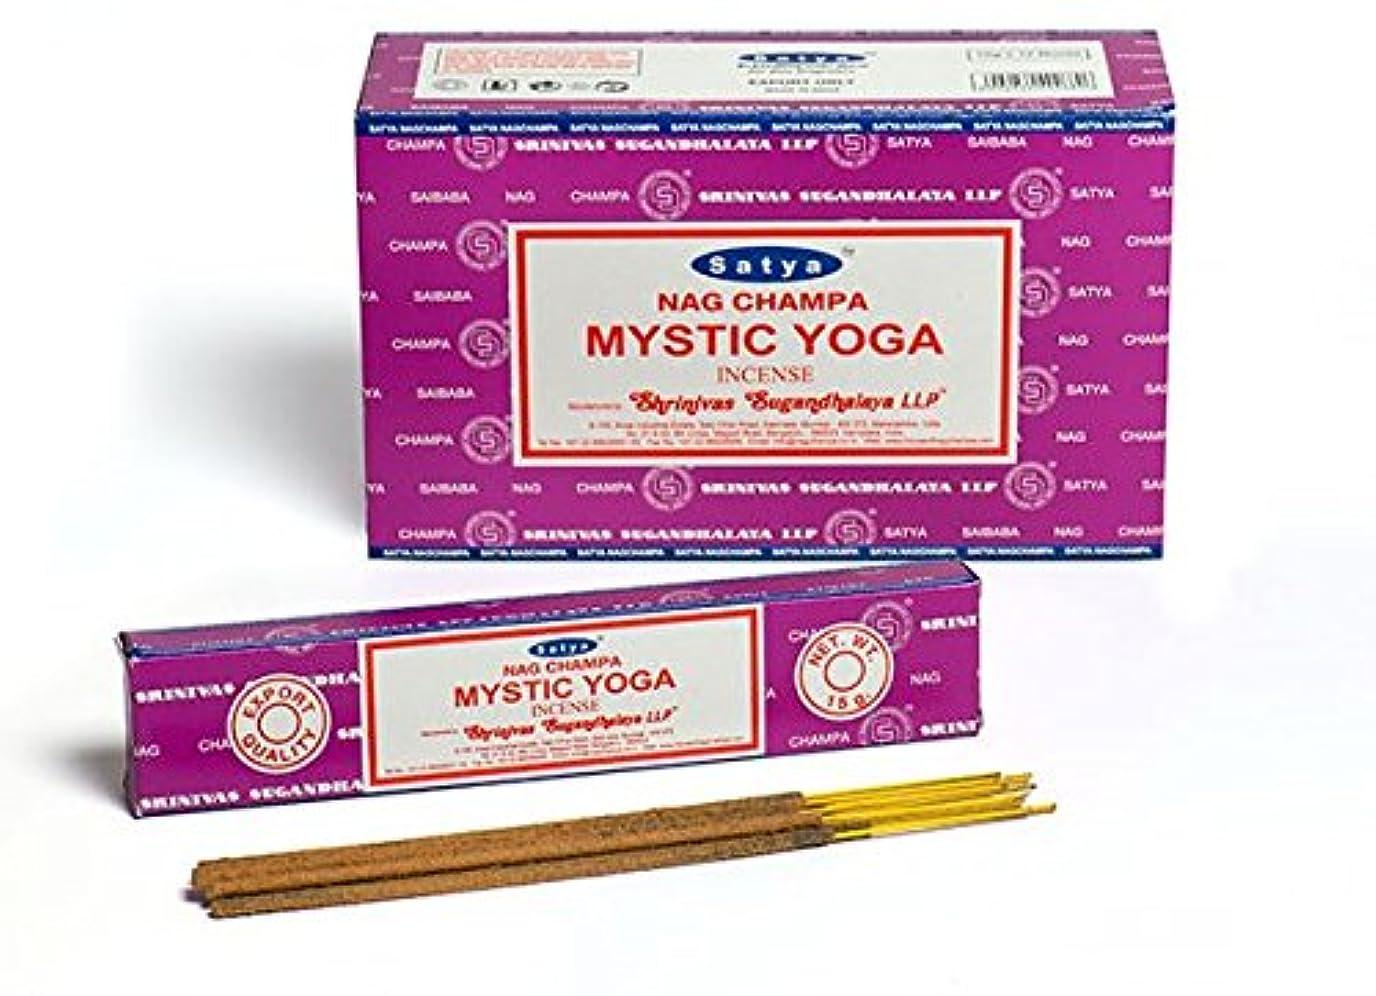 進行中パトロールびっくりSatya Nag Champa Mystic Yoga お香スティック Agarbatti 180グラムボックス | 15グラム入り12パック 箱入り | 輸出品質